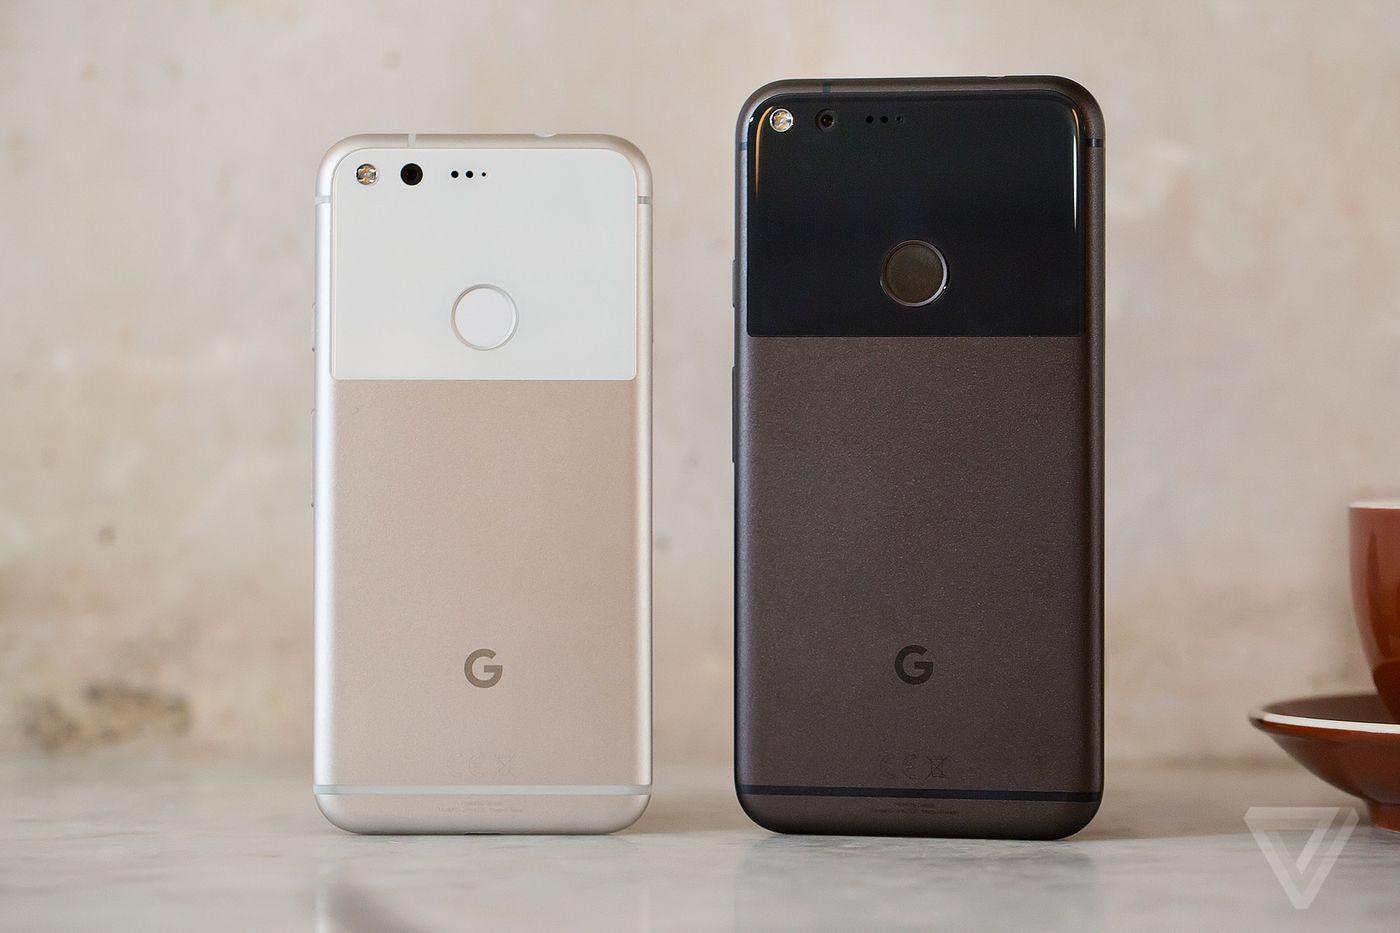 Утечка спецификаций Google Pixel 2